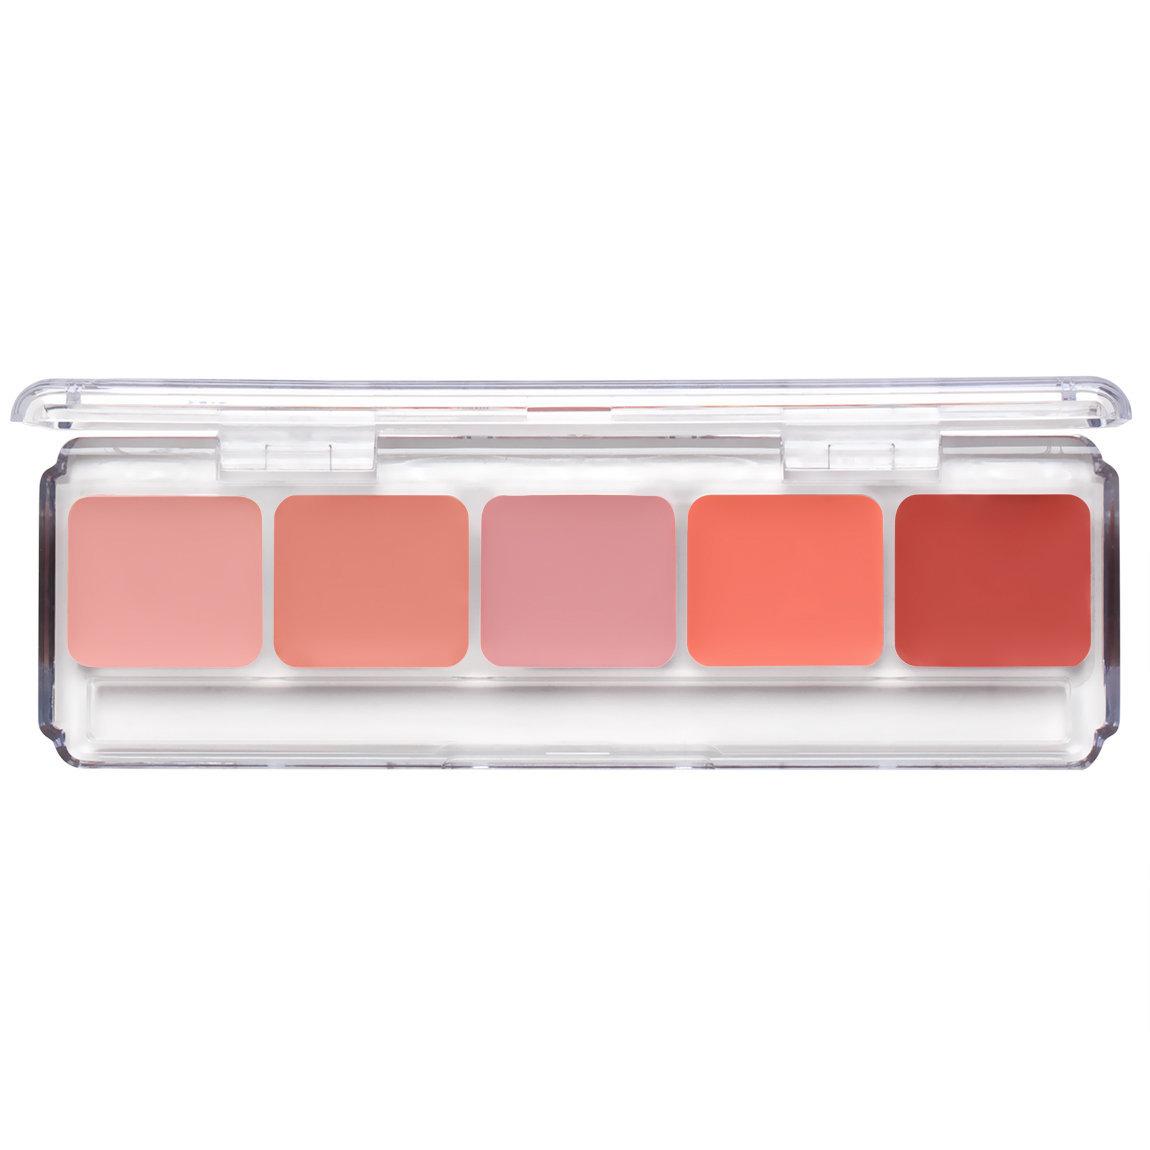 RCMA Makeup Cream Cheek Color Palette Palette 1 alternative view 1.